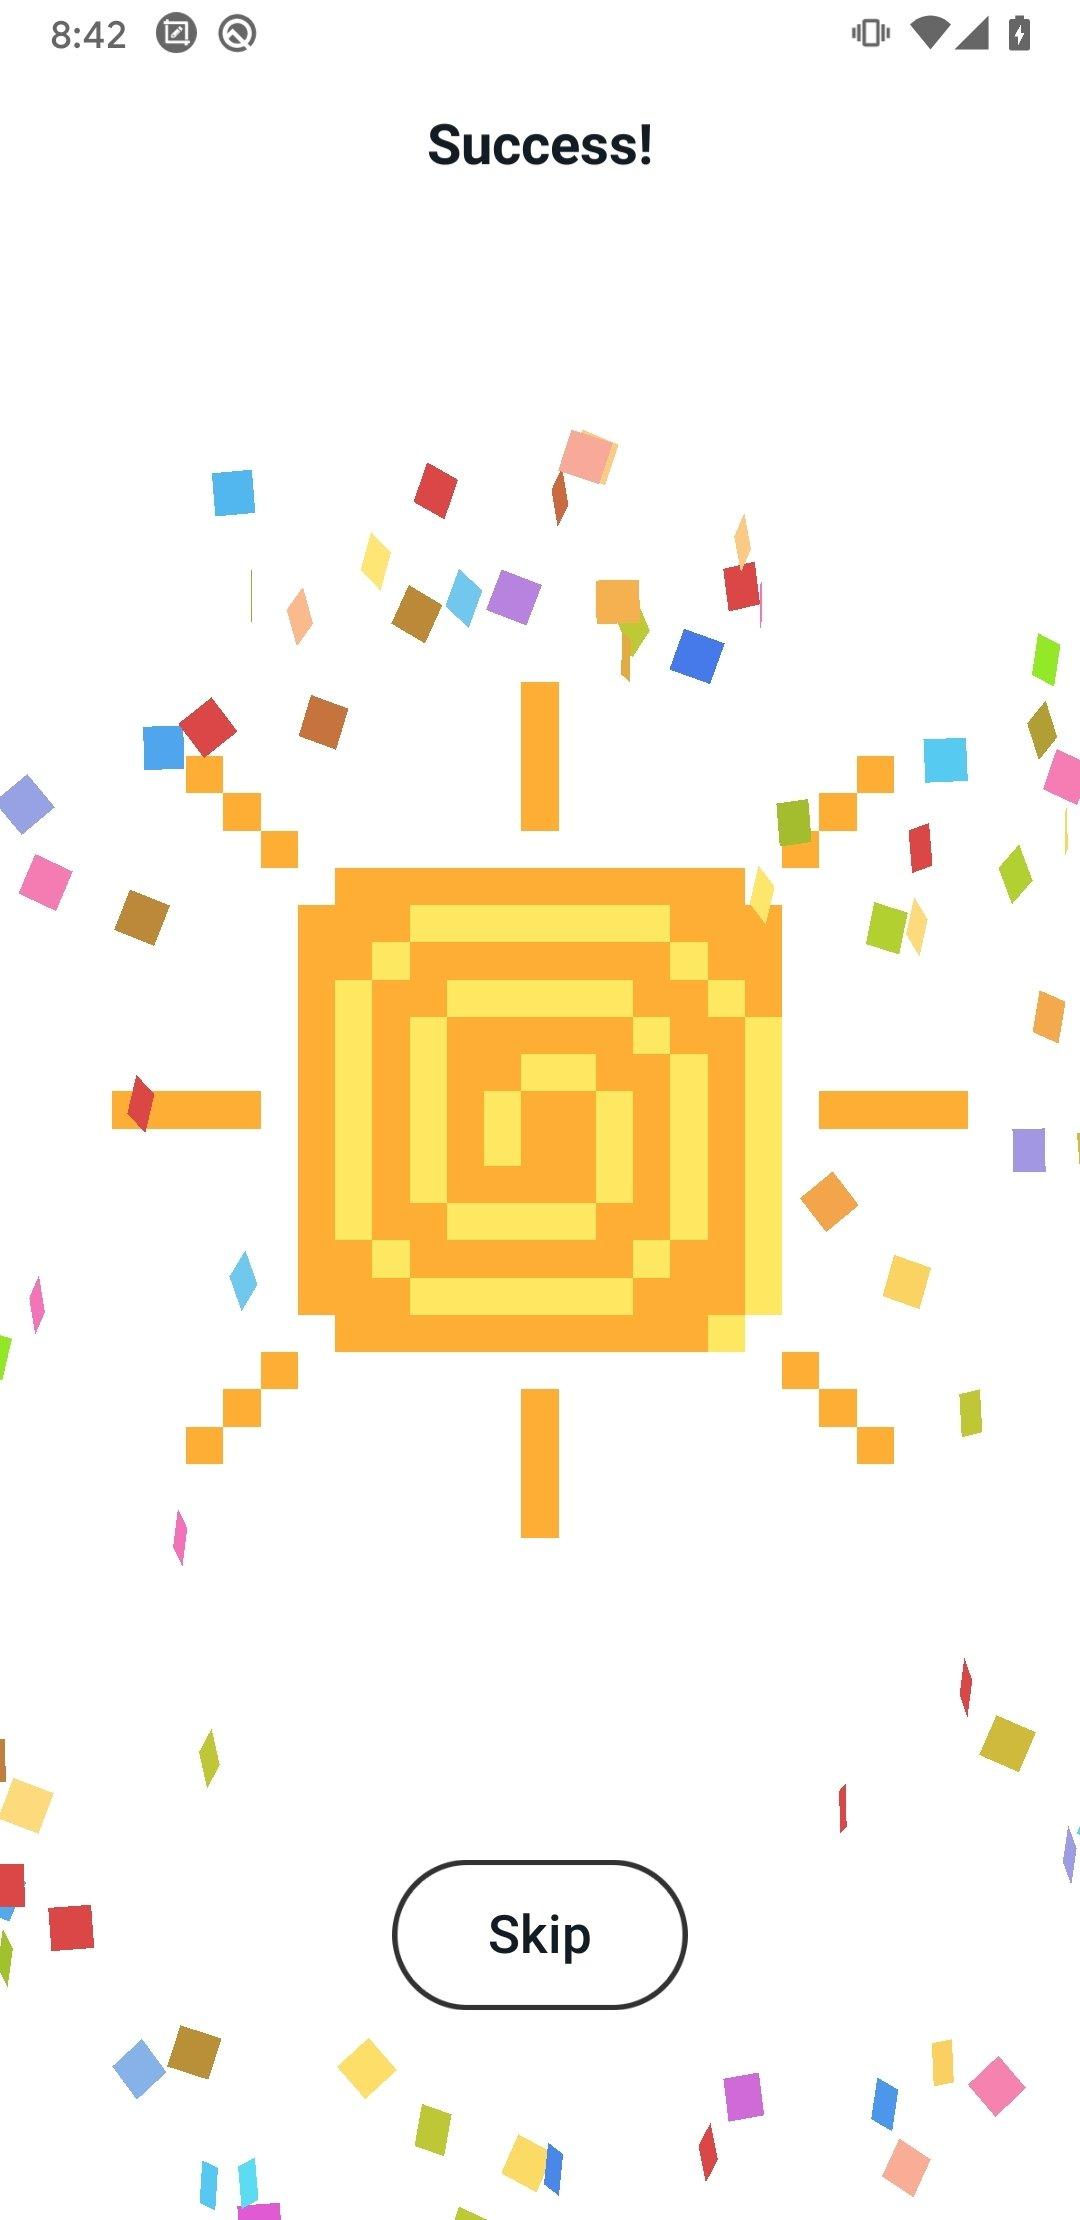 Pixel Art Malen Nach Zahlen 46 Download Für Android Apk Kostenlos